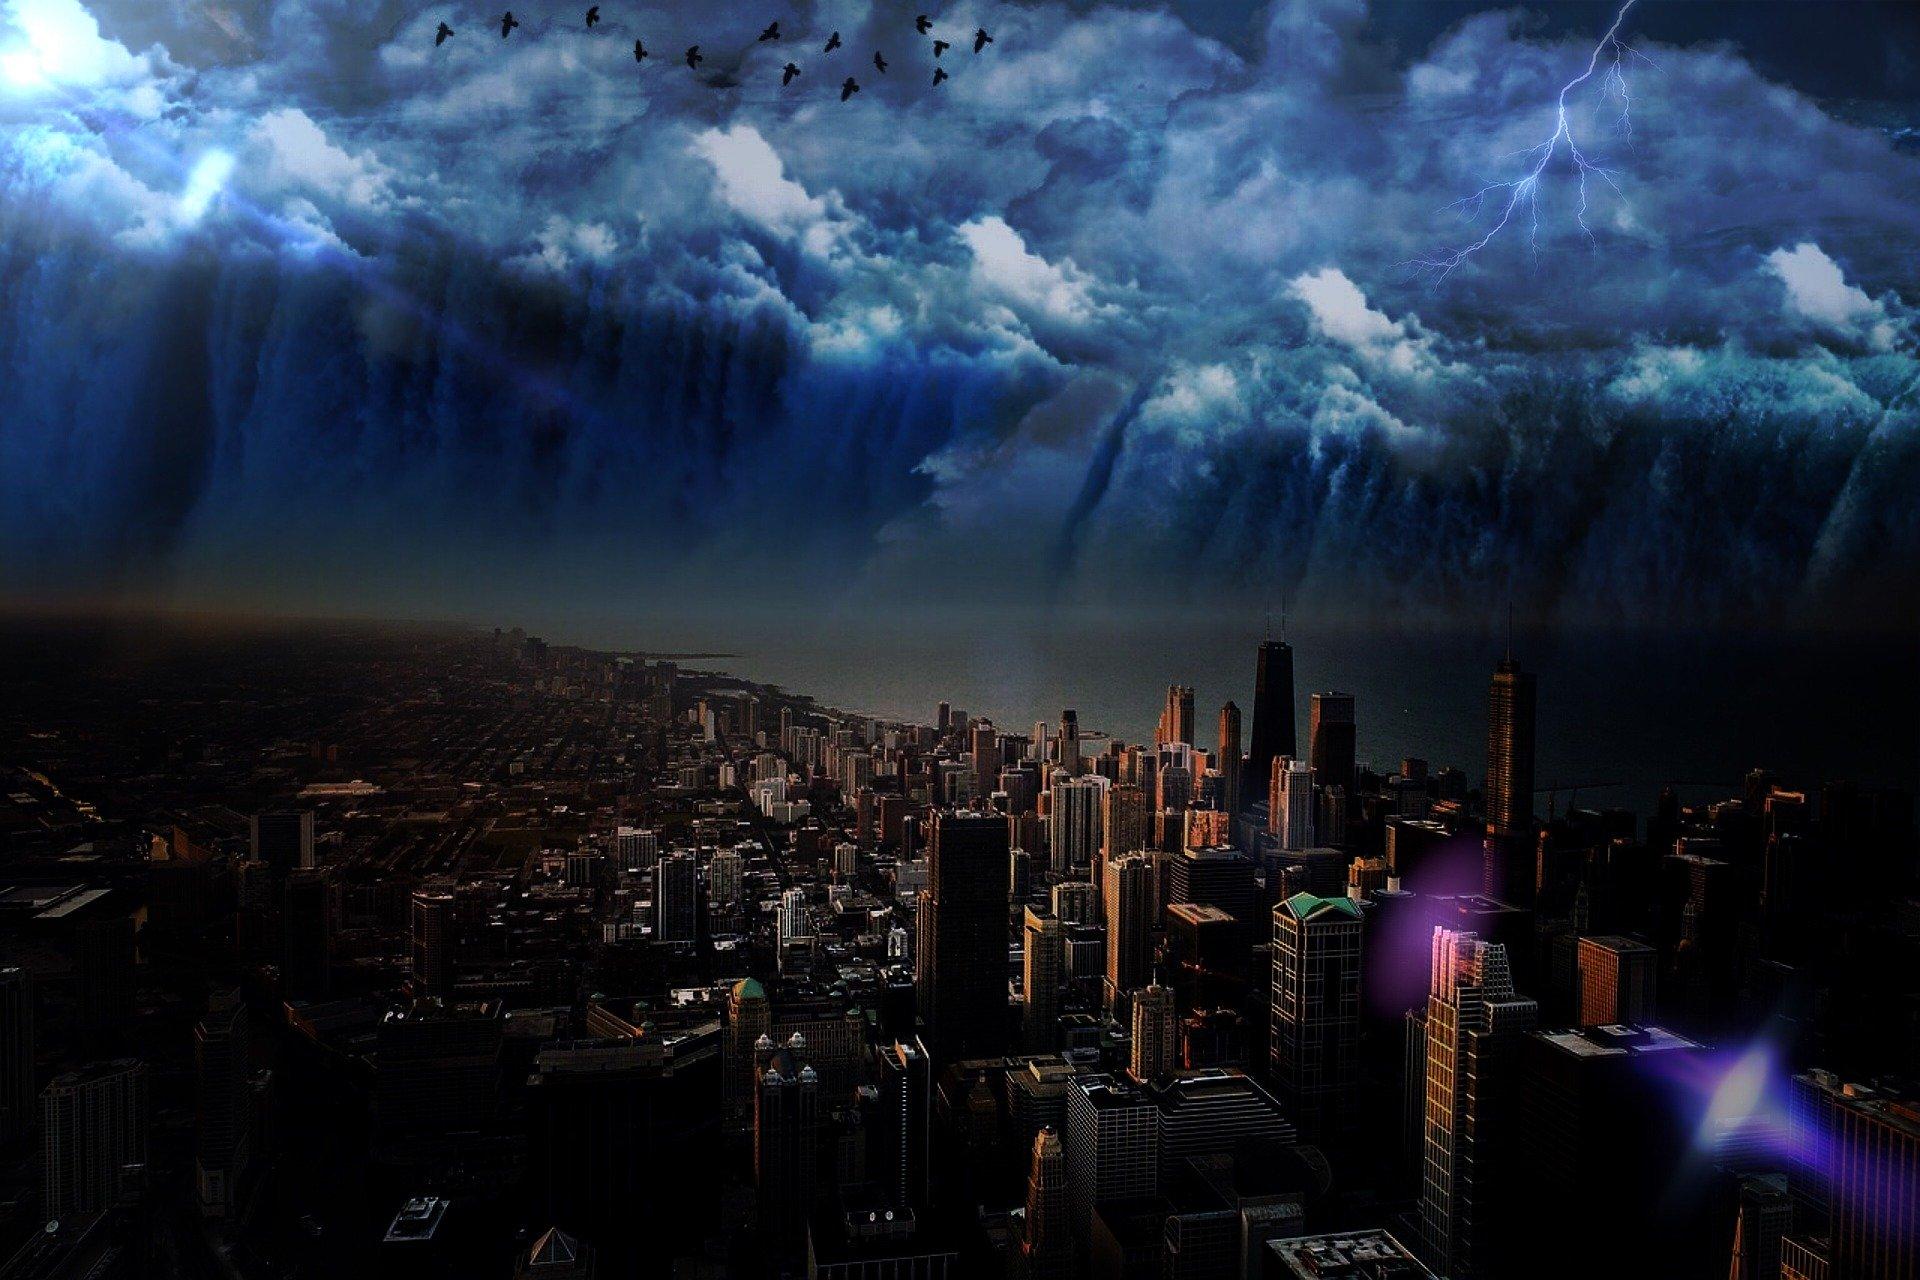 city apocalypse